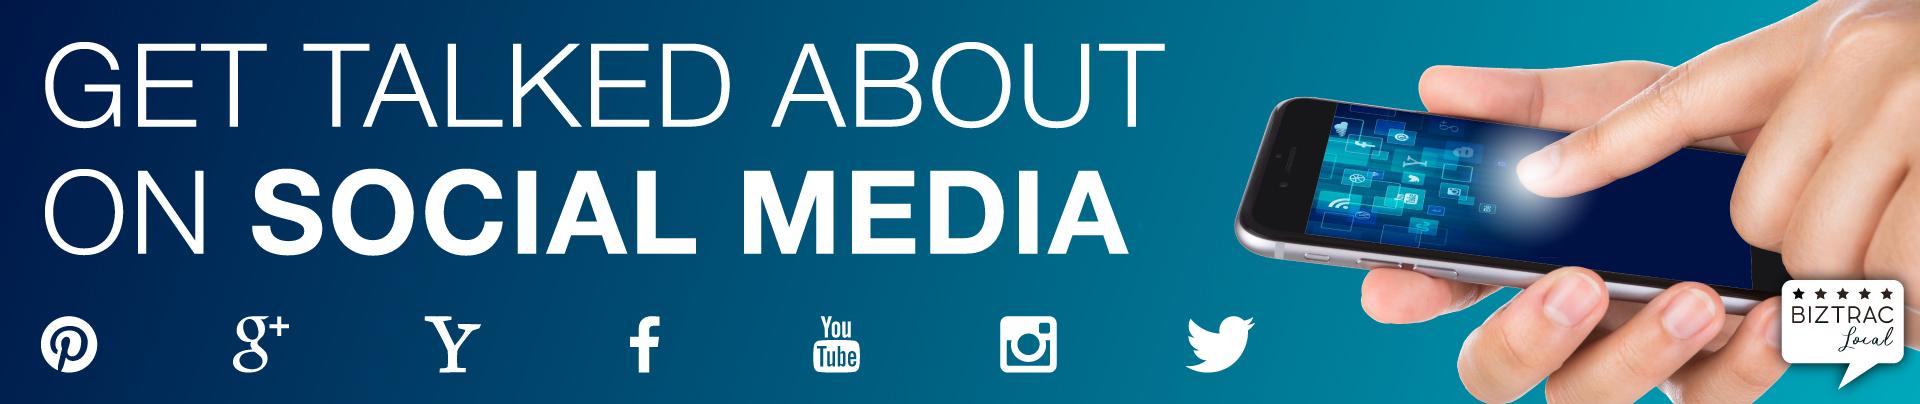 biztrac social media